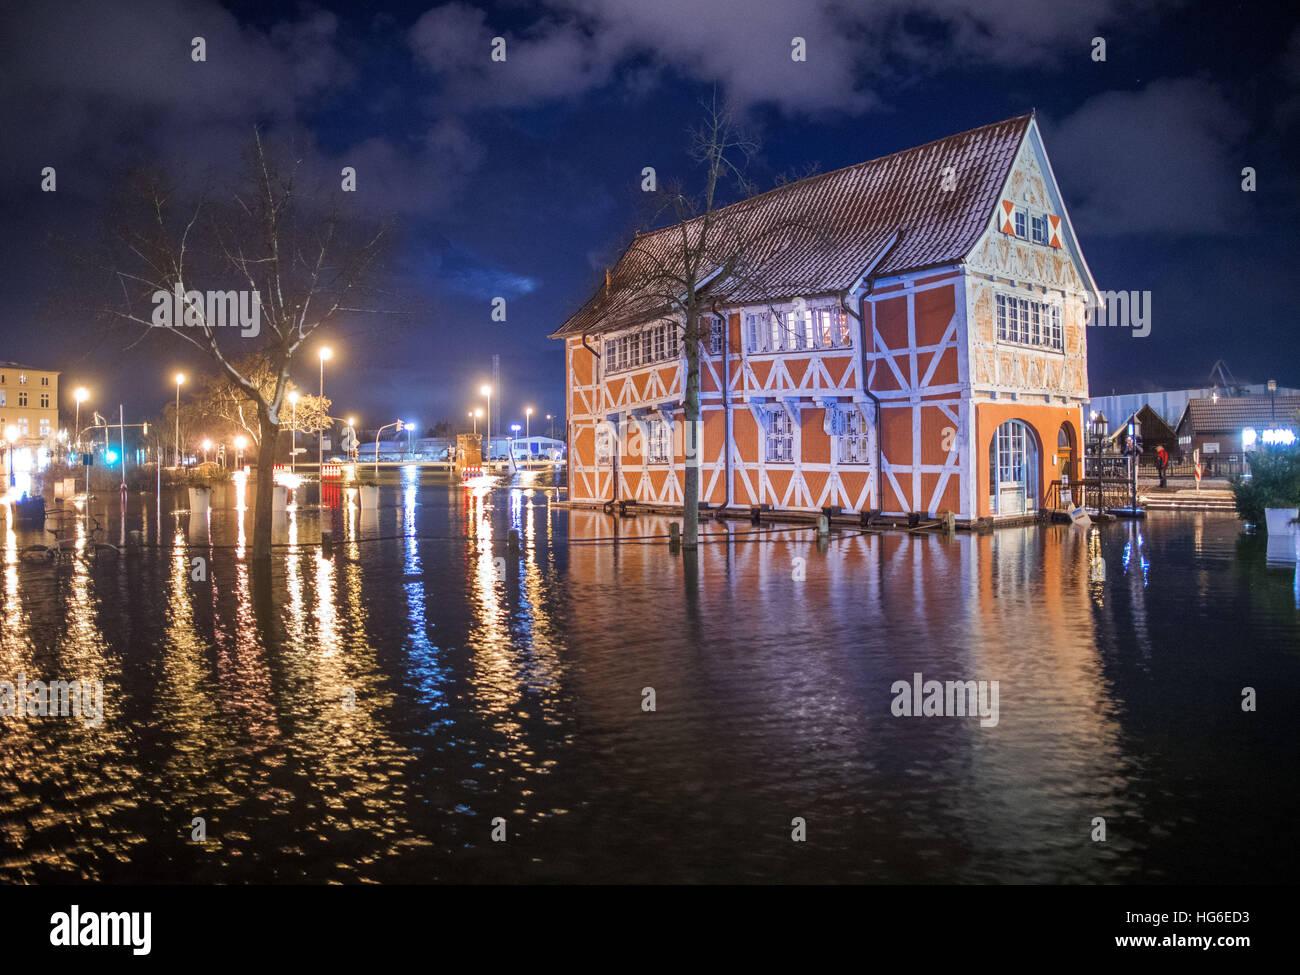 Un grenier historique de Wismar, Allemagne, 04 janvier 2017. L'agence fédérale maritime et hydrographique (BSH) Banque D'Images